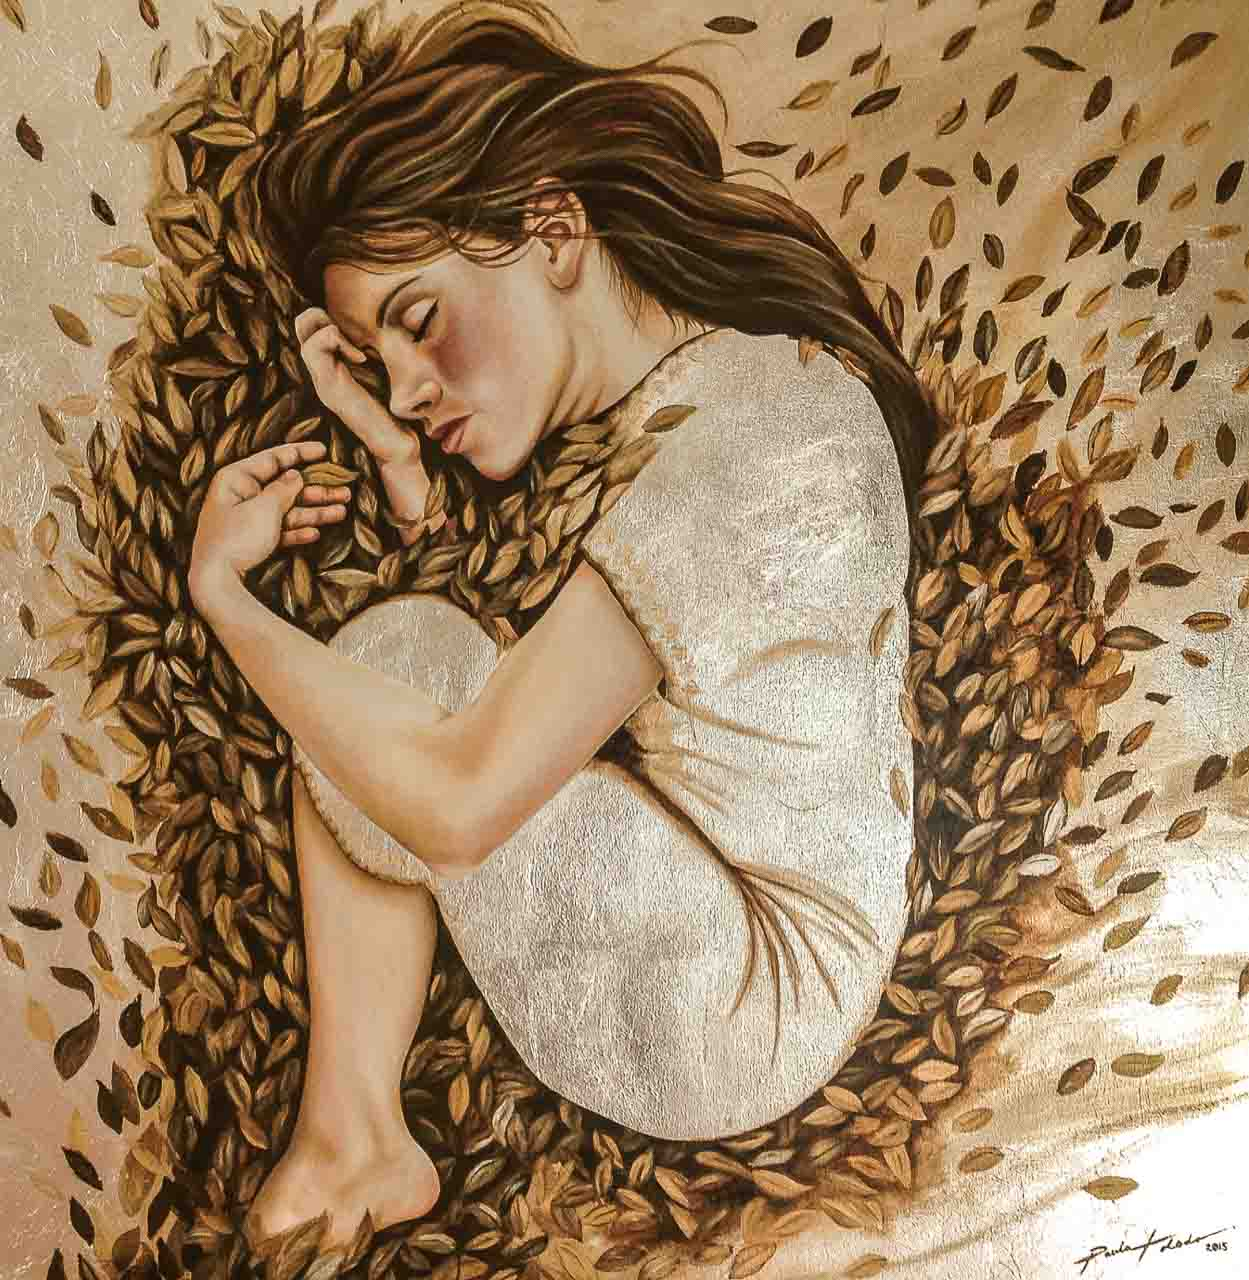 La Atrapasueños / The Dreamcatcher